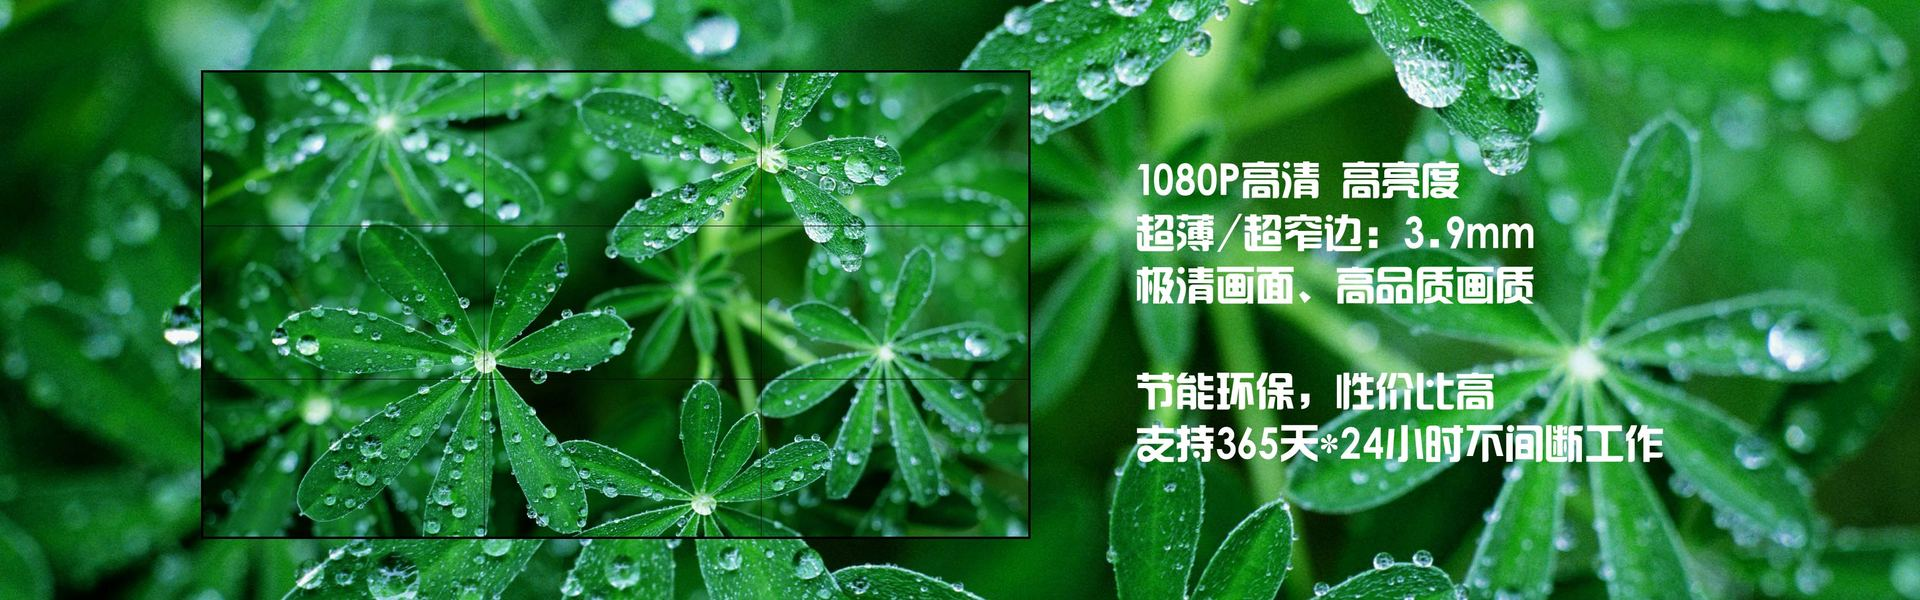 湖北专显网站首页形象图一